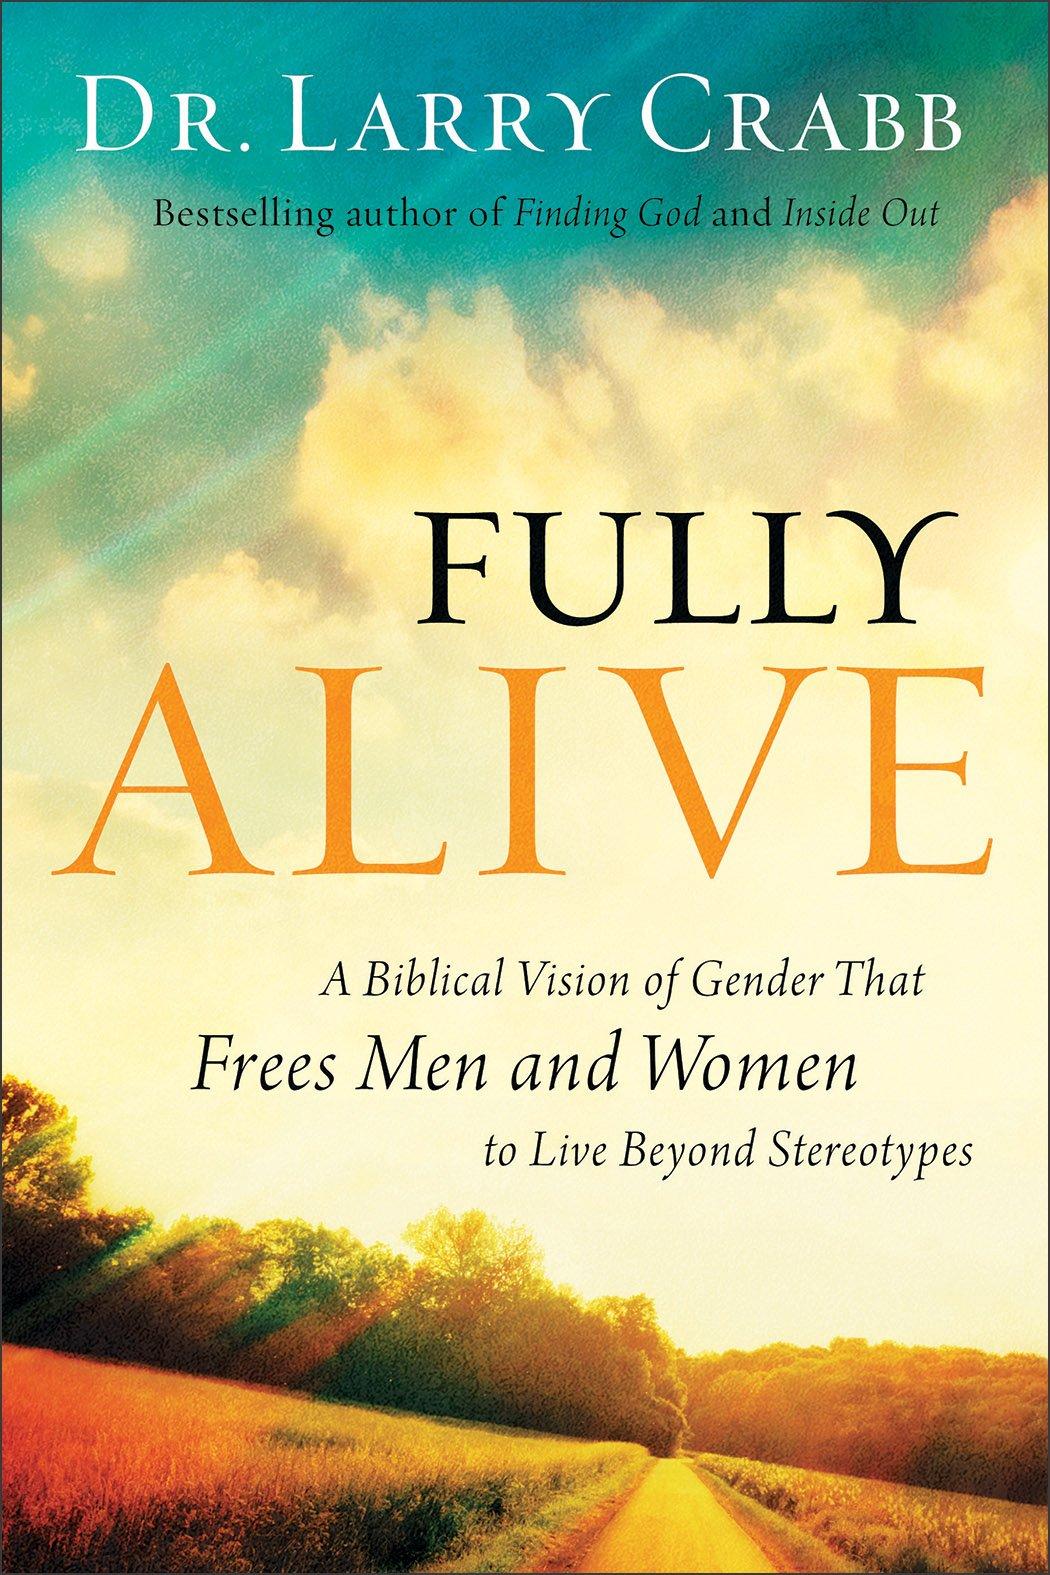 Fully Alive - A Biblical Vision of Gender